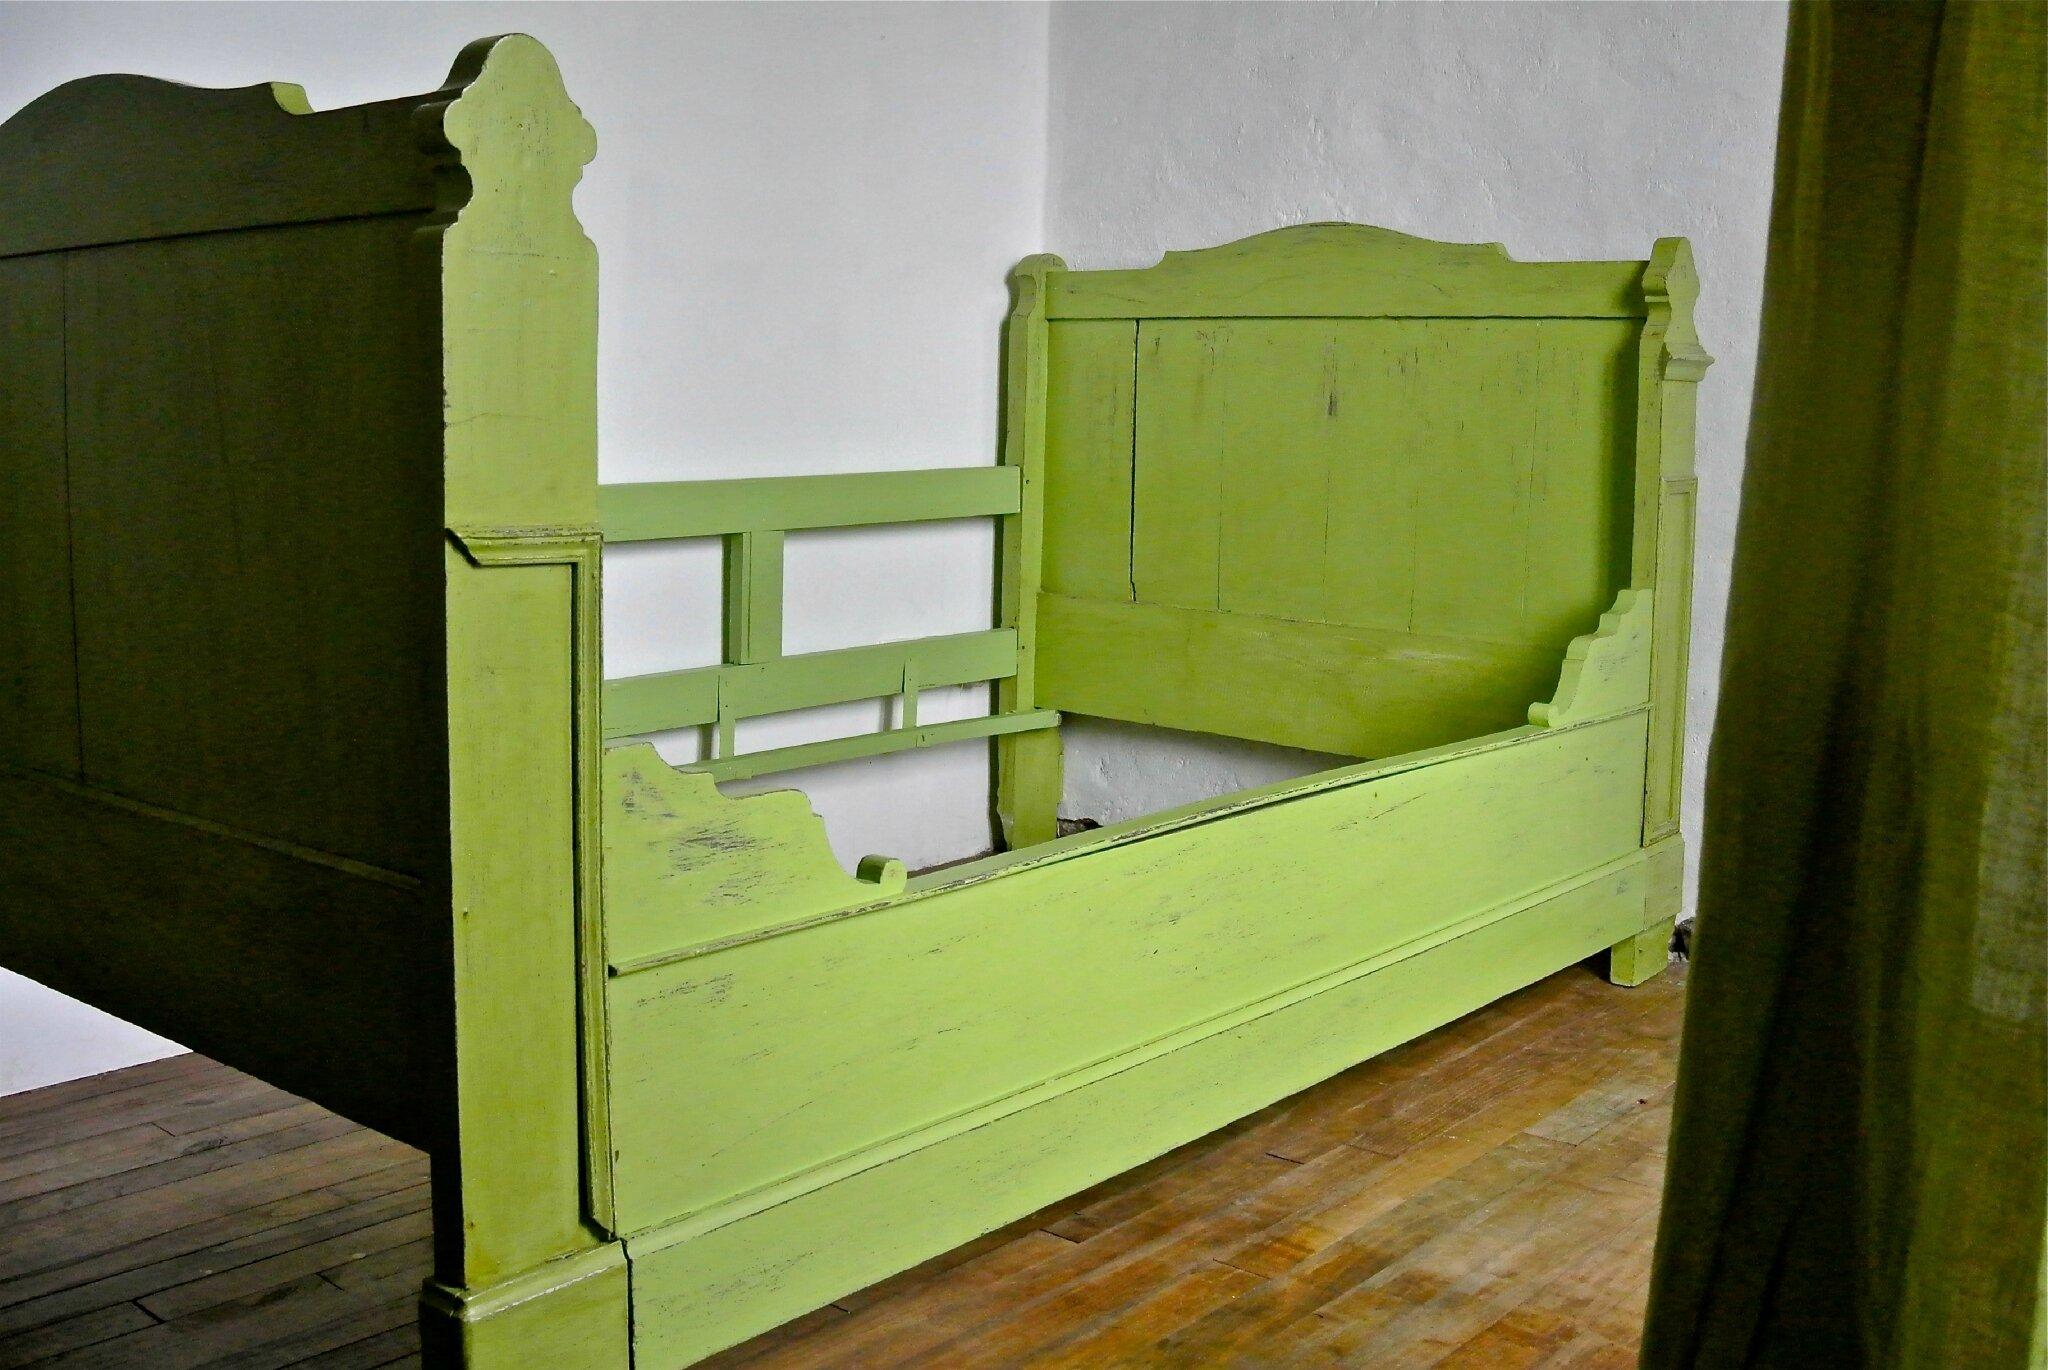 Lit patin dormir au vert barbatruc et r cup - Relooker un lit ancien ...